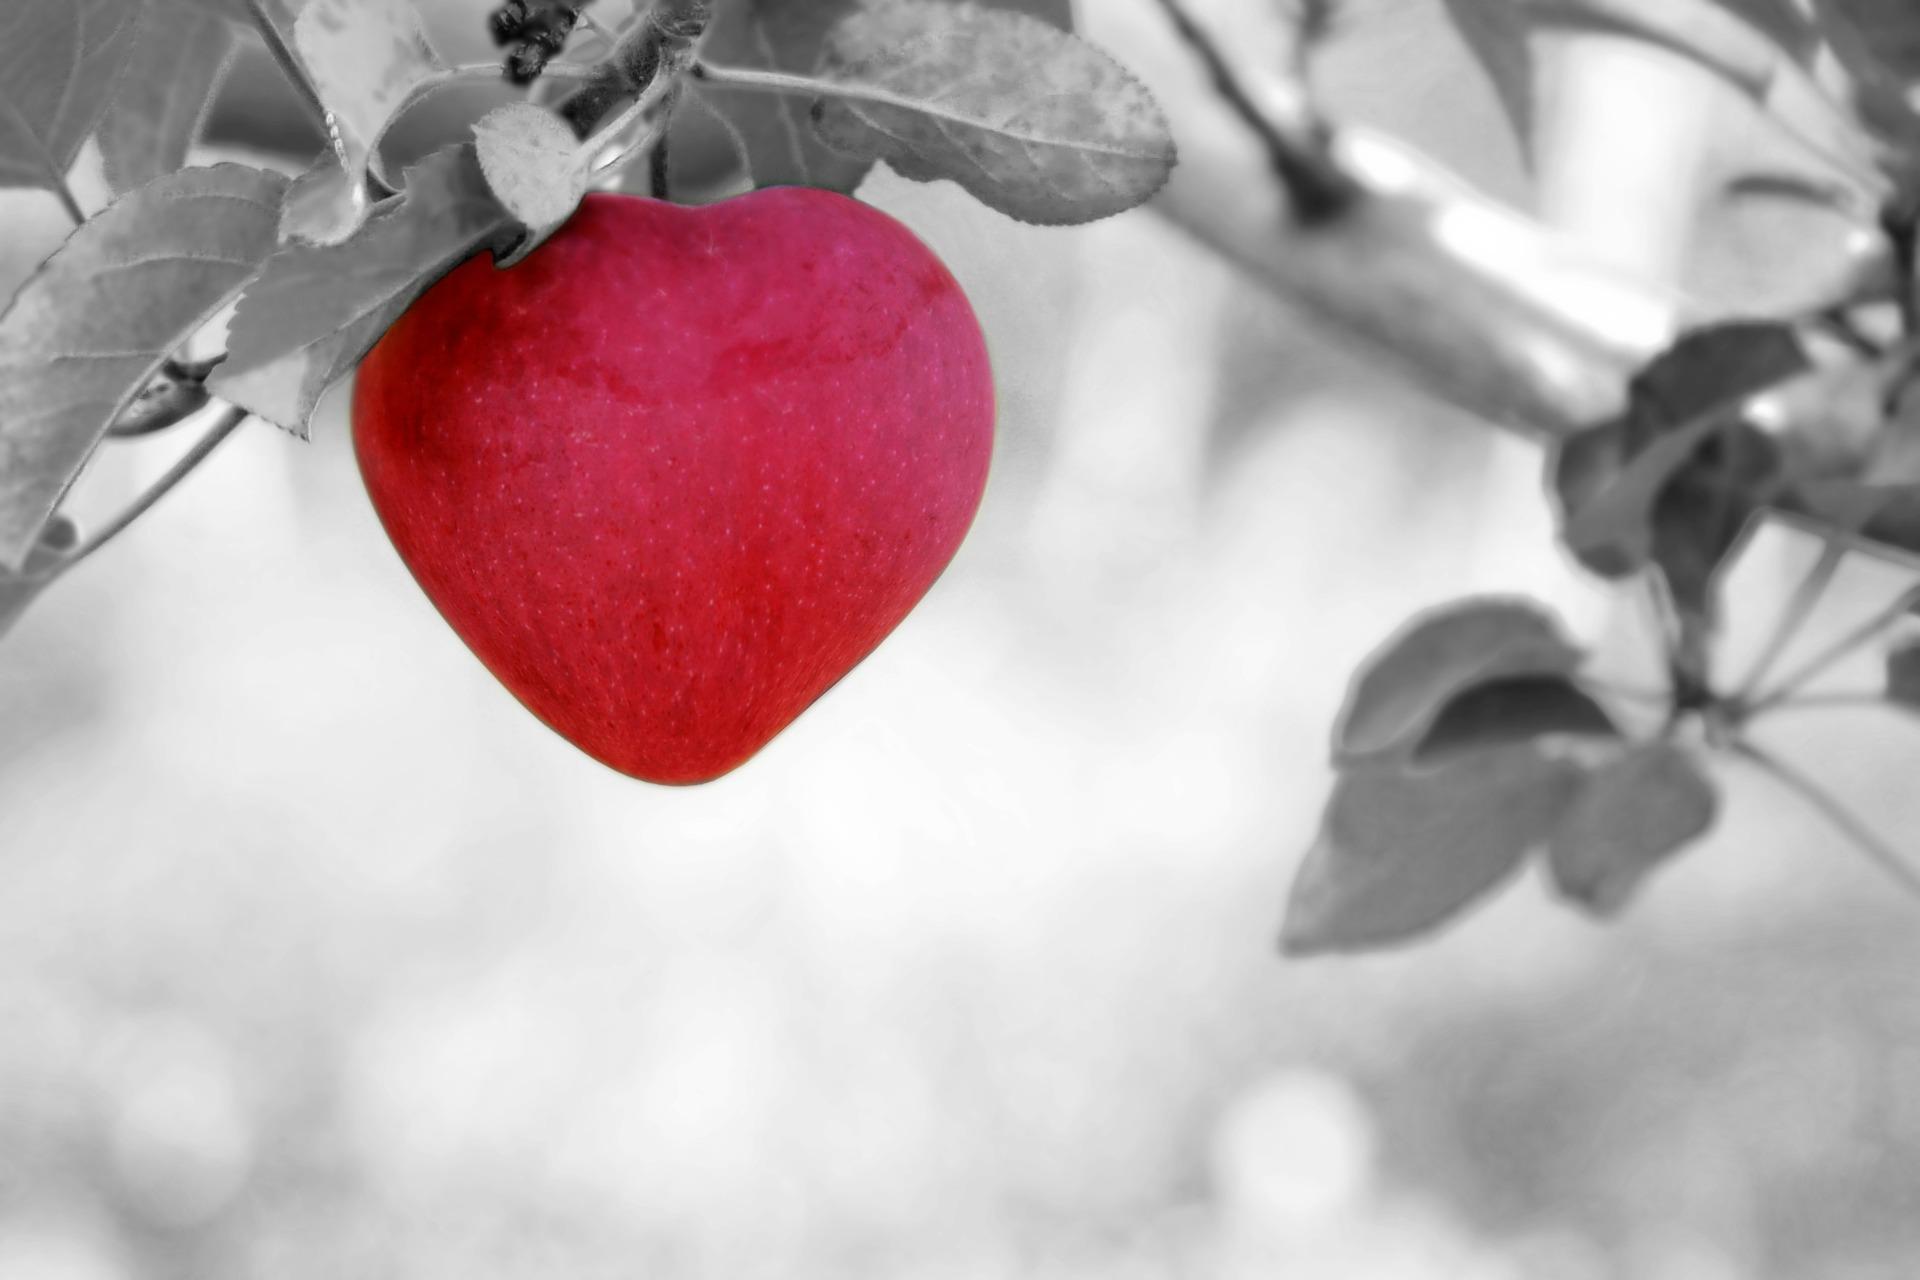 amor, coração, frutas, Apple, árvore - Papéis de parede HD - Professor-falken.com